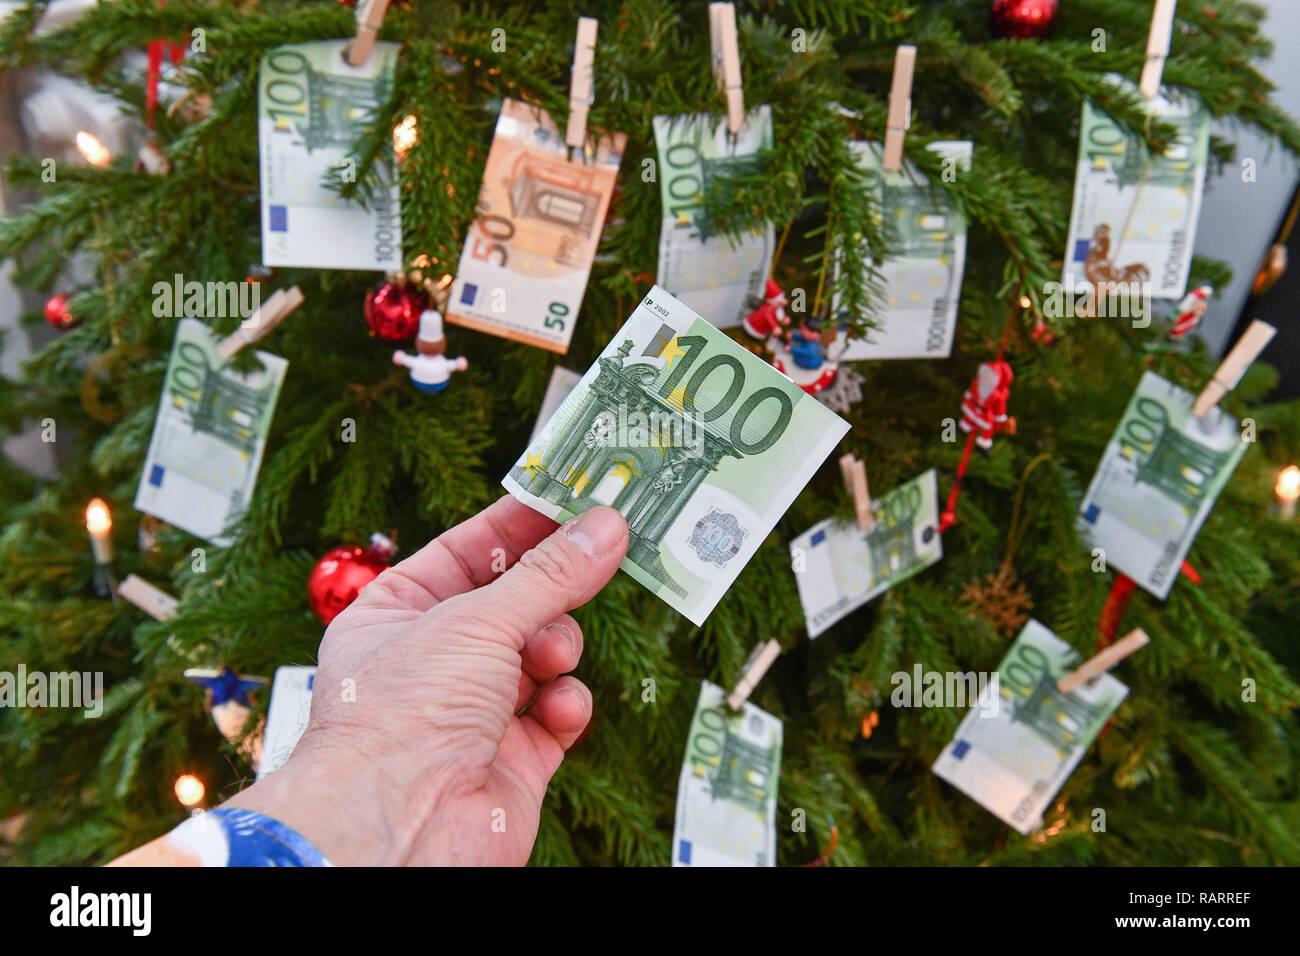 Symbolic photo, gift of money, Christmas, Symbolfoto, Geldgeschenk, Weihnachten Stock Photo